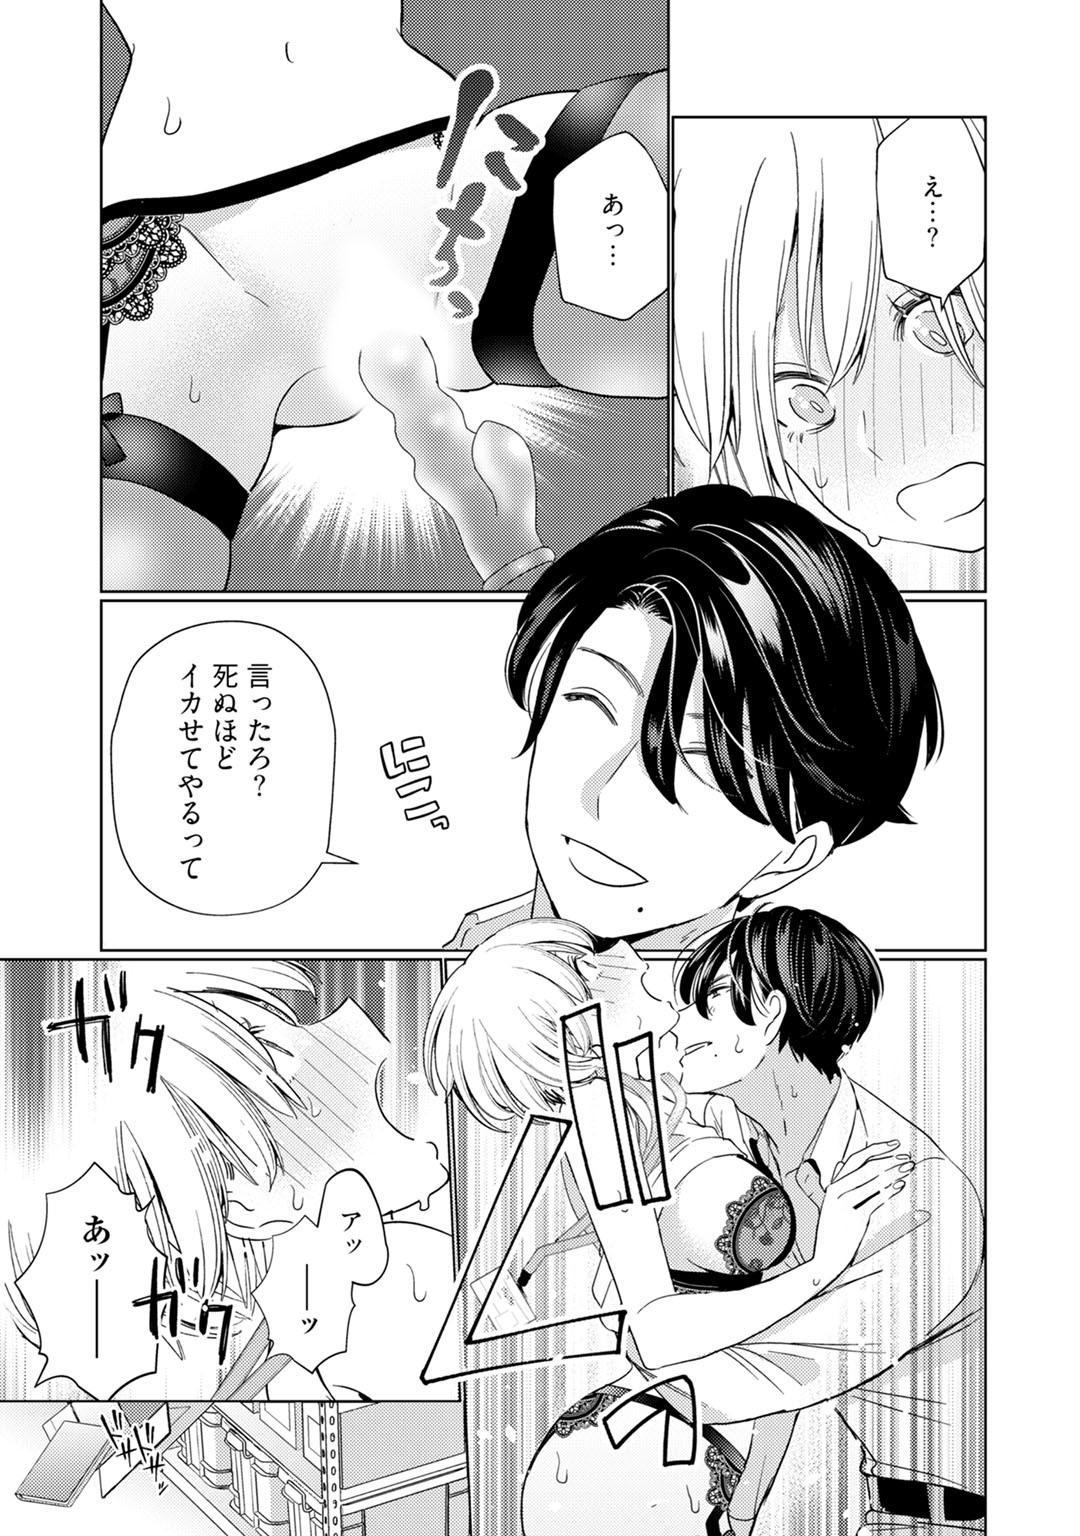 [Okonogi Happa] Kyonyuu-chan to Kyokon Joushi -Kaisha de Musabori Sex- act. 2 30